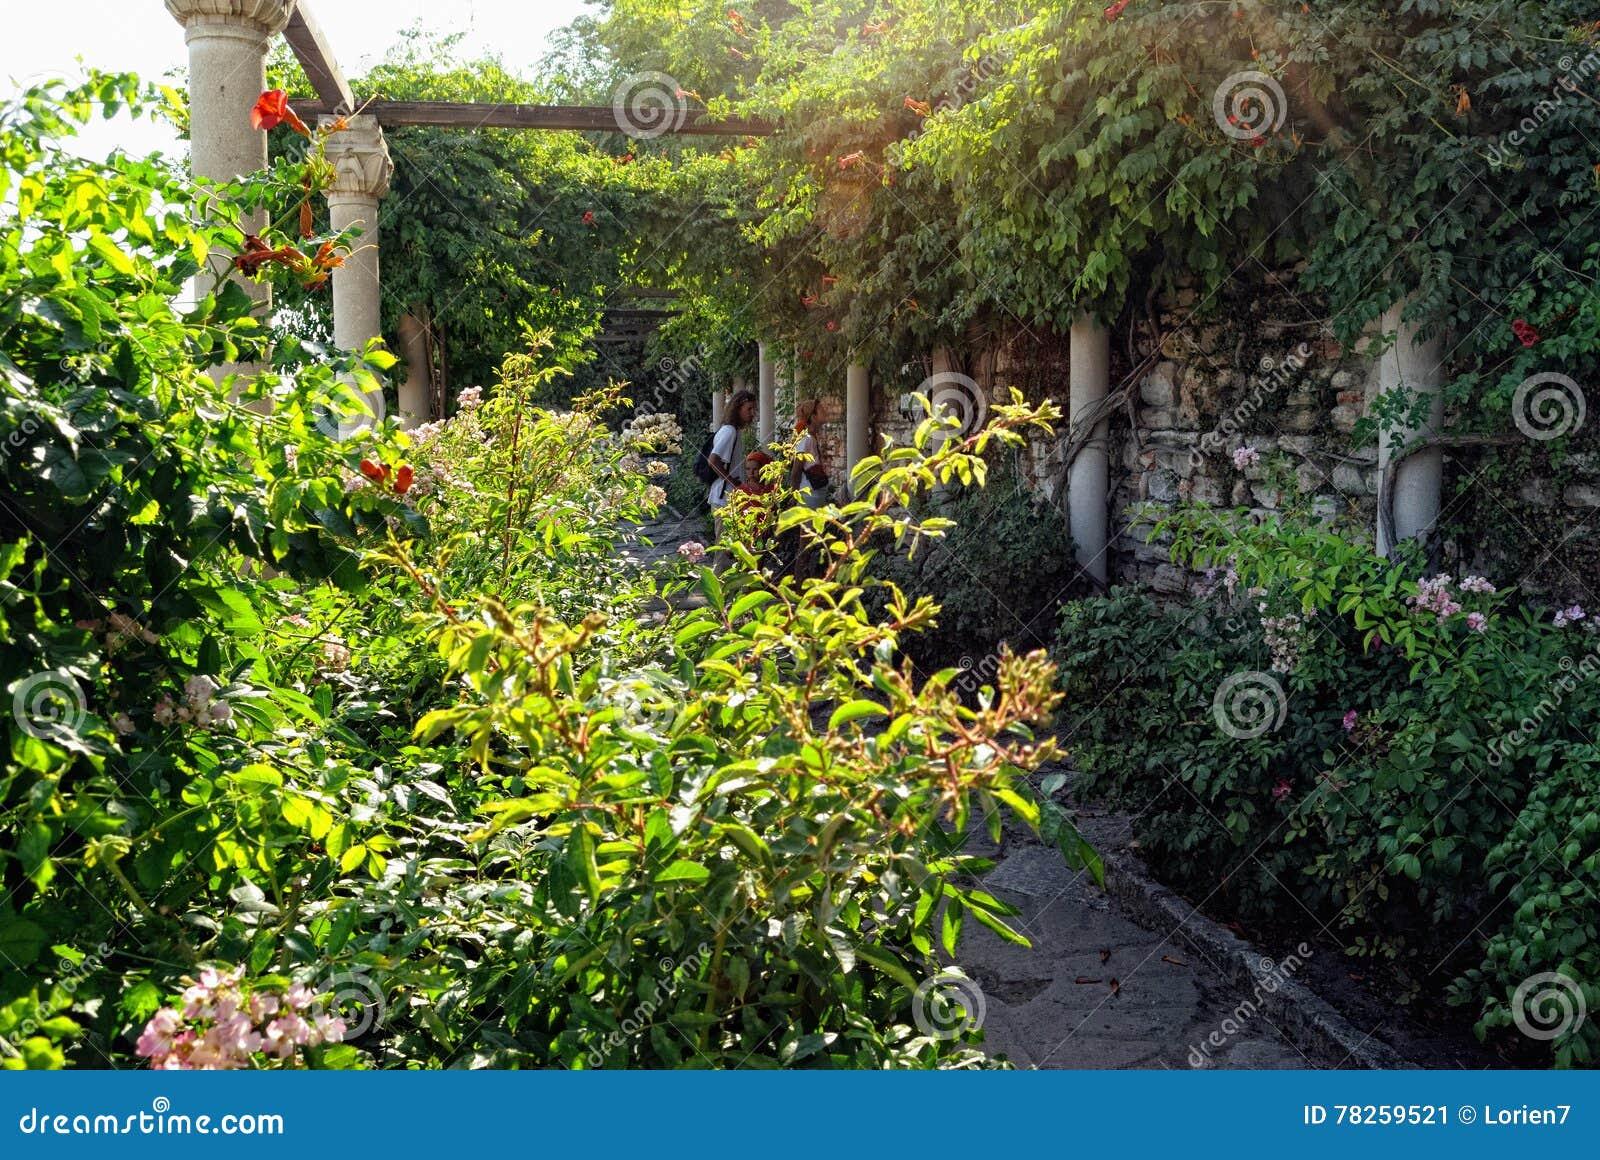 Βοτανικός κήπος σε Balchik, Βουλγαρία